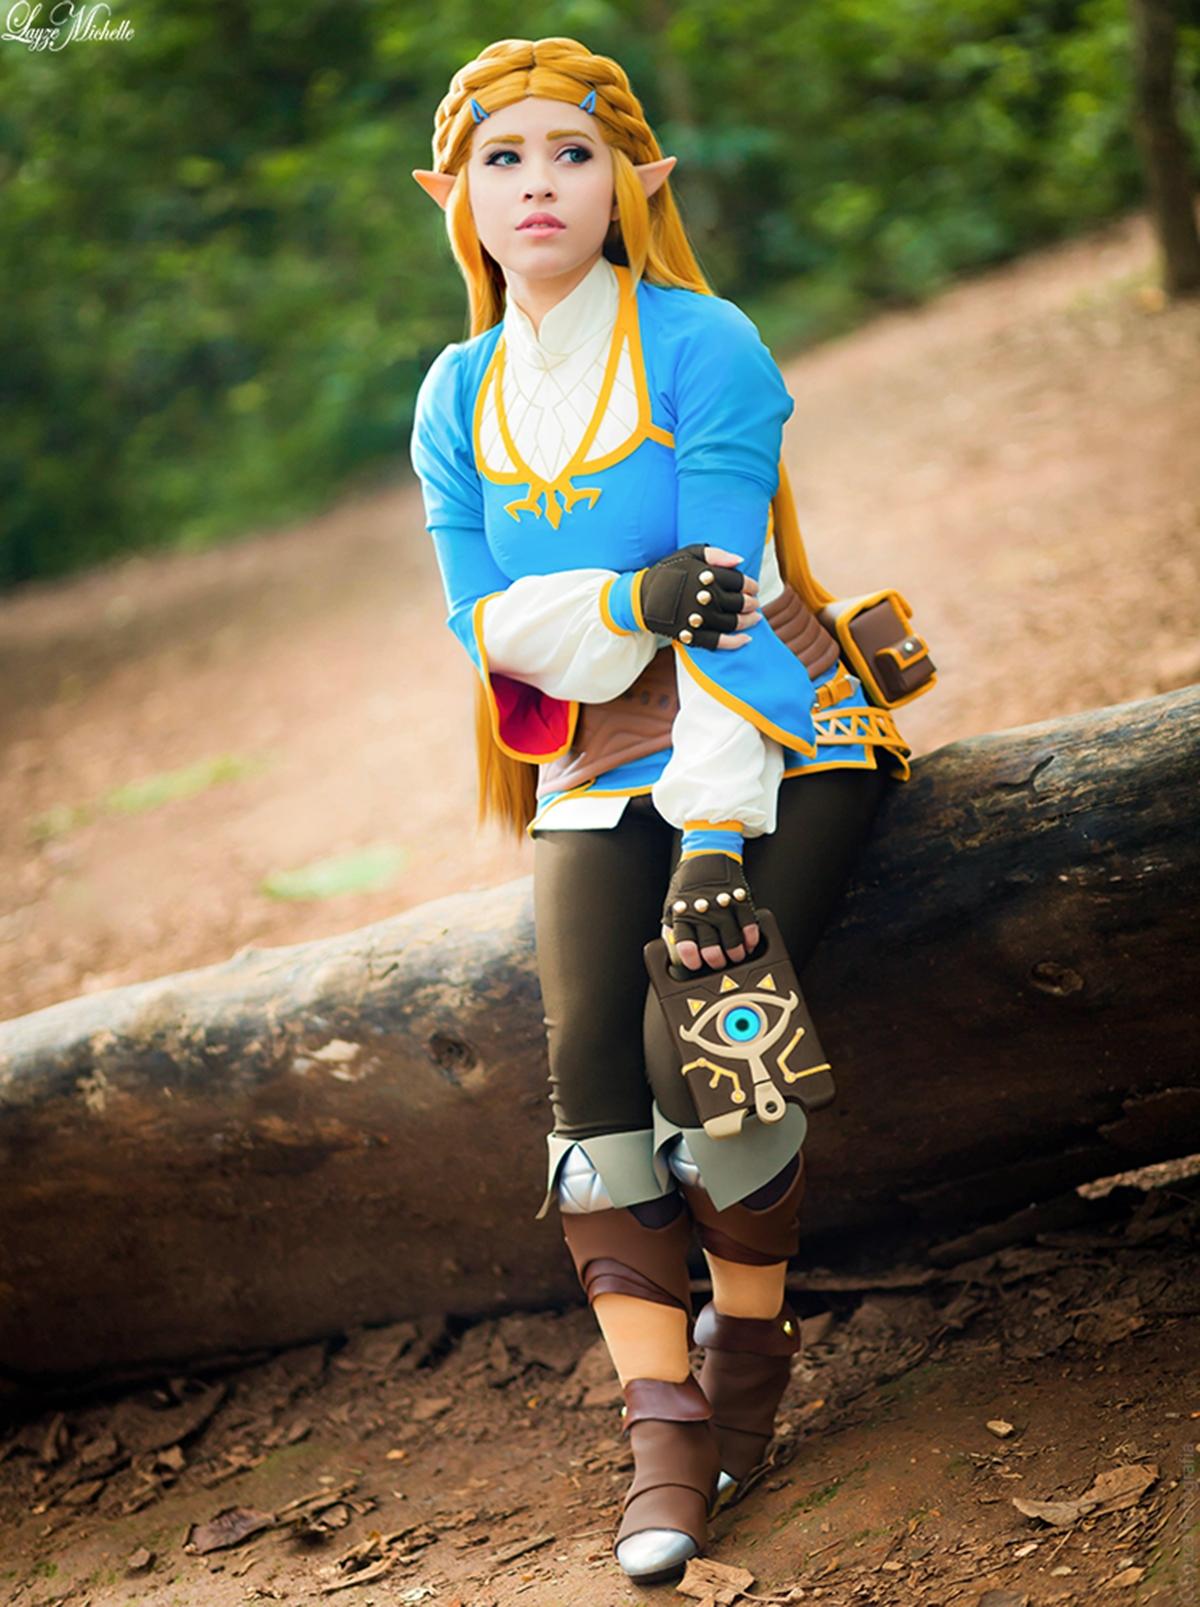 Esta brasileira de 21 anos fez o melhor cosplay de Zelda Breath of the Wild